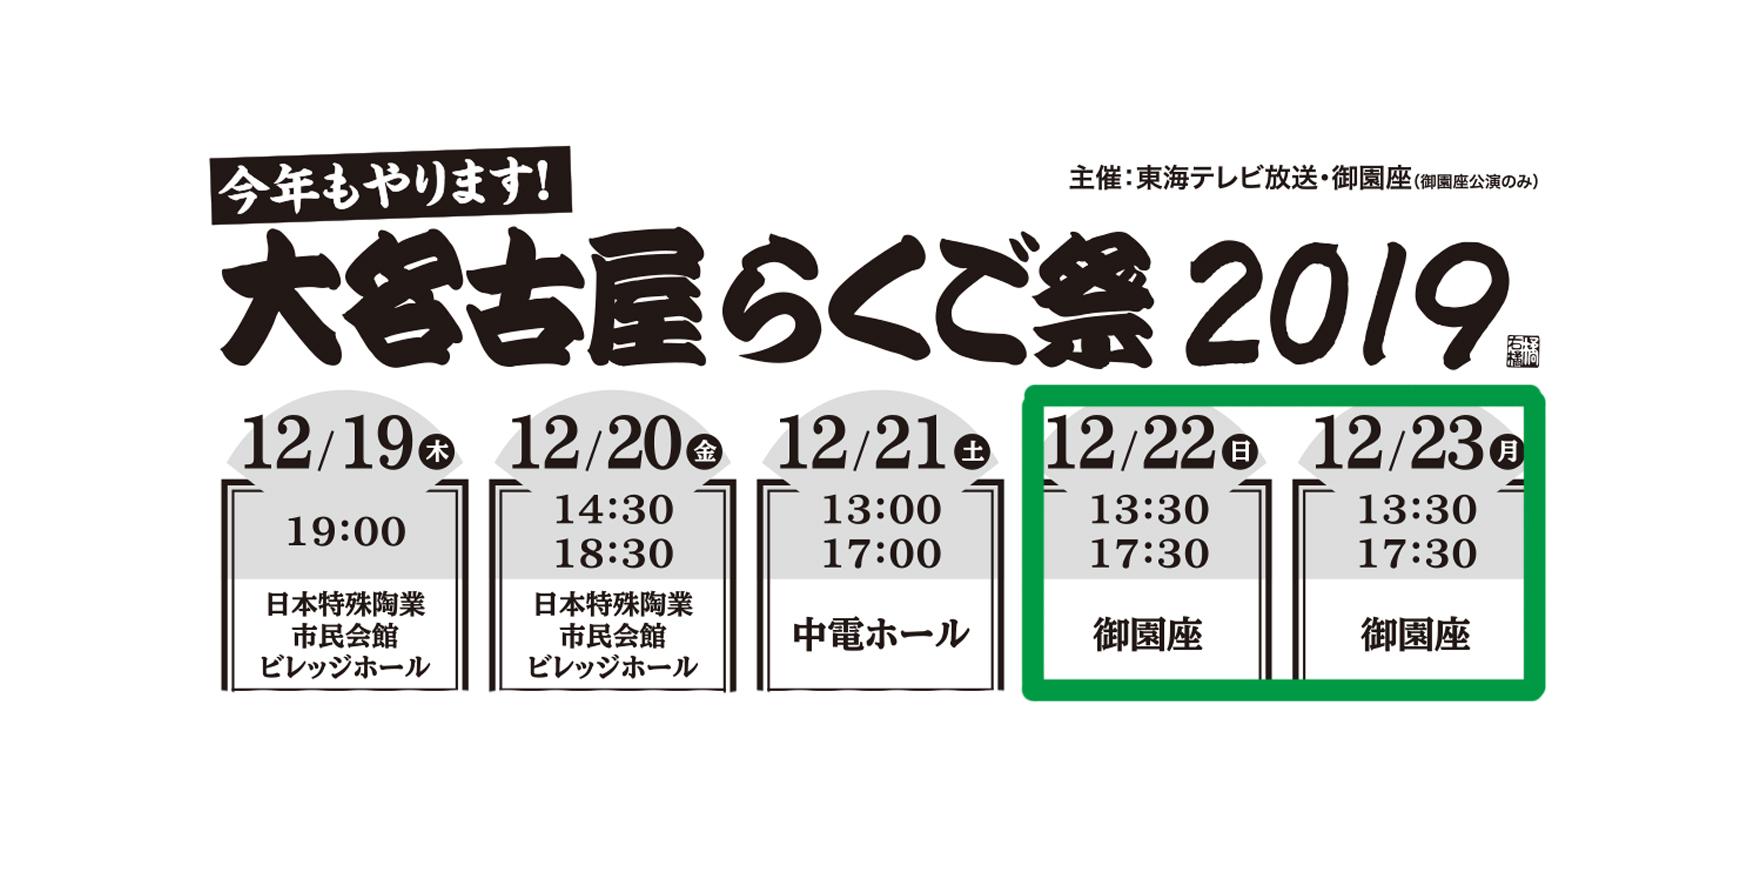 大名古屋らくご祭2019